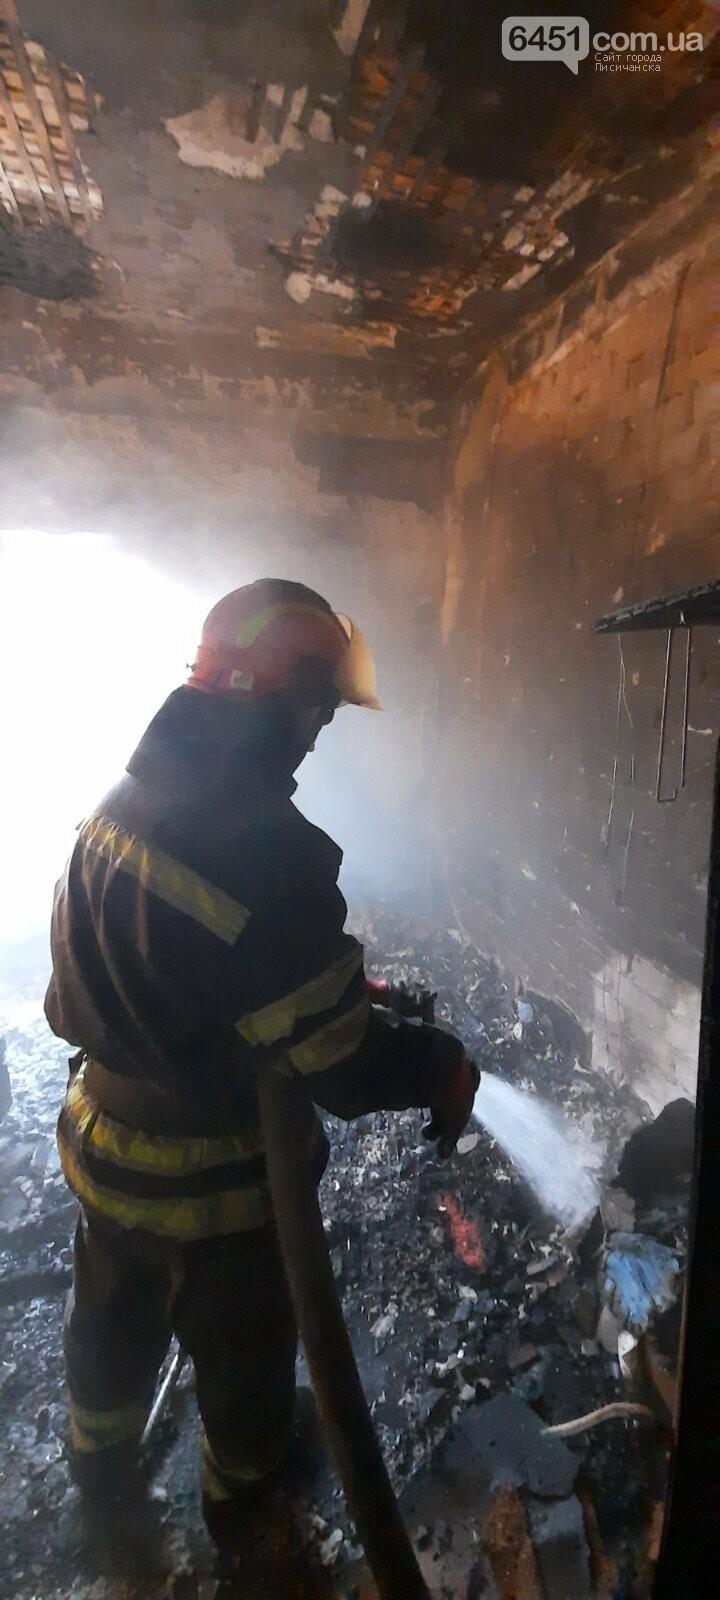 В Лисичанске из-за пожара в жилом доме были эвакуированы 5 человек, фото-1